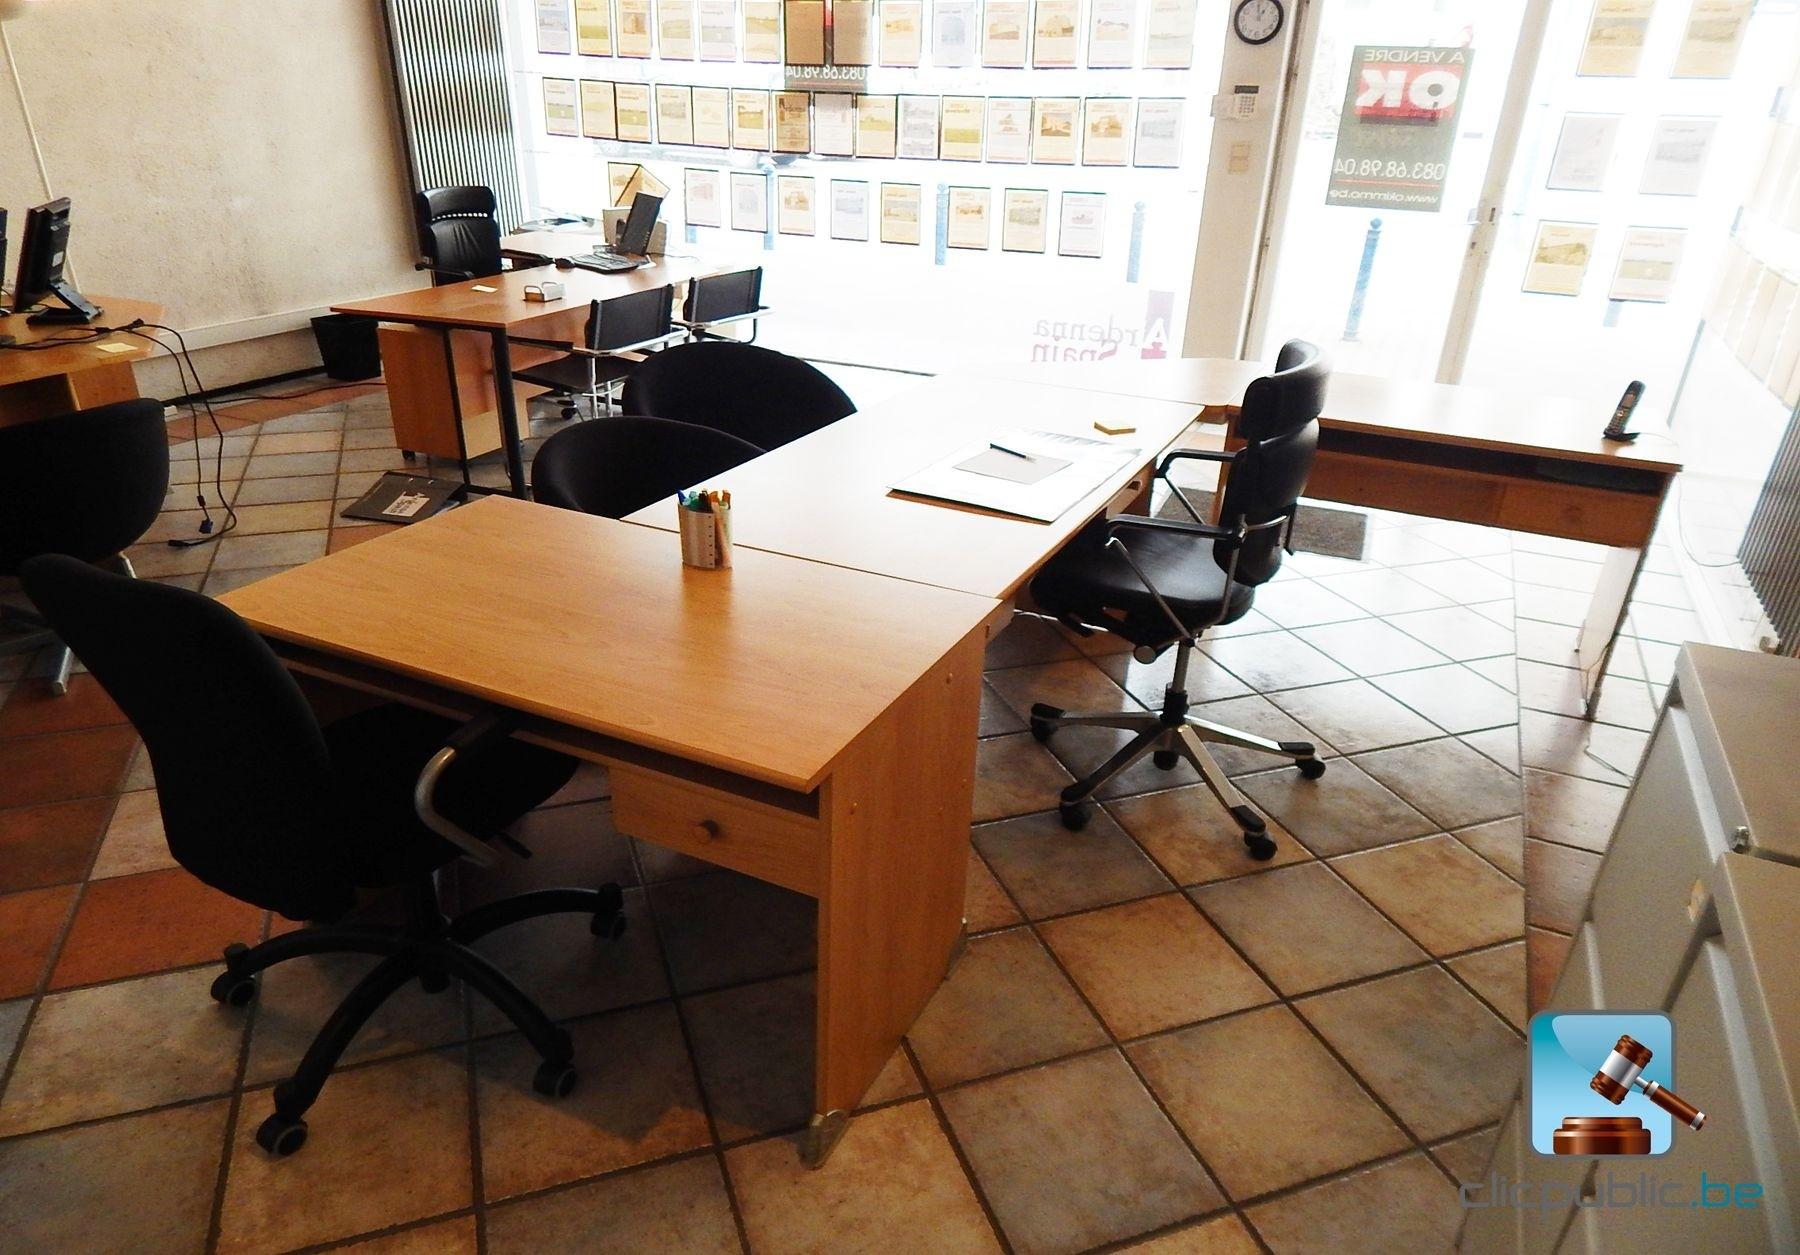 Bureau et mobilier vendre sur for Mobilier bureau 63